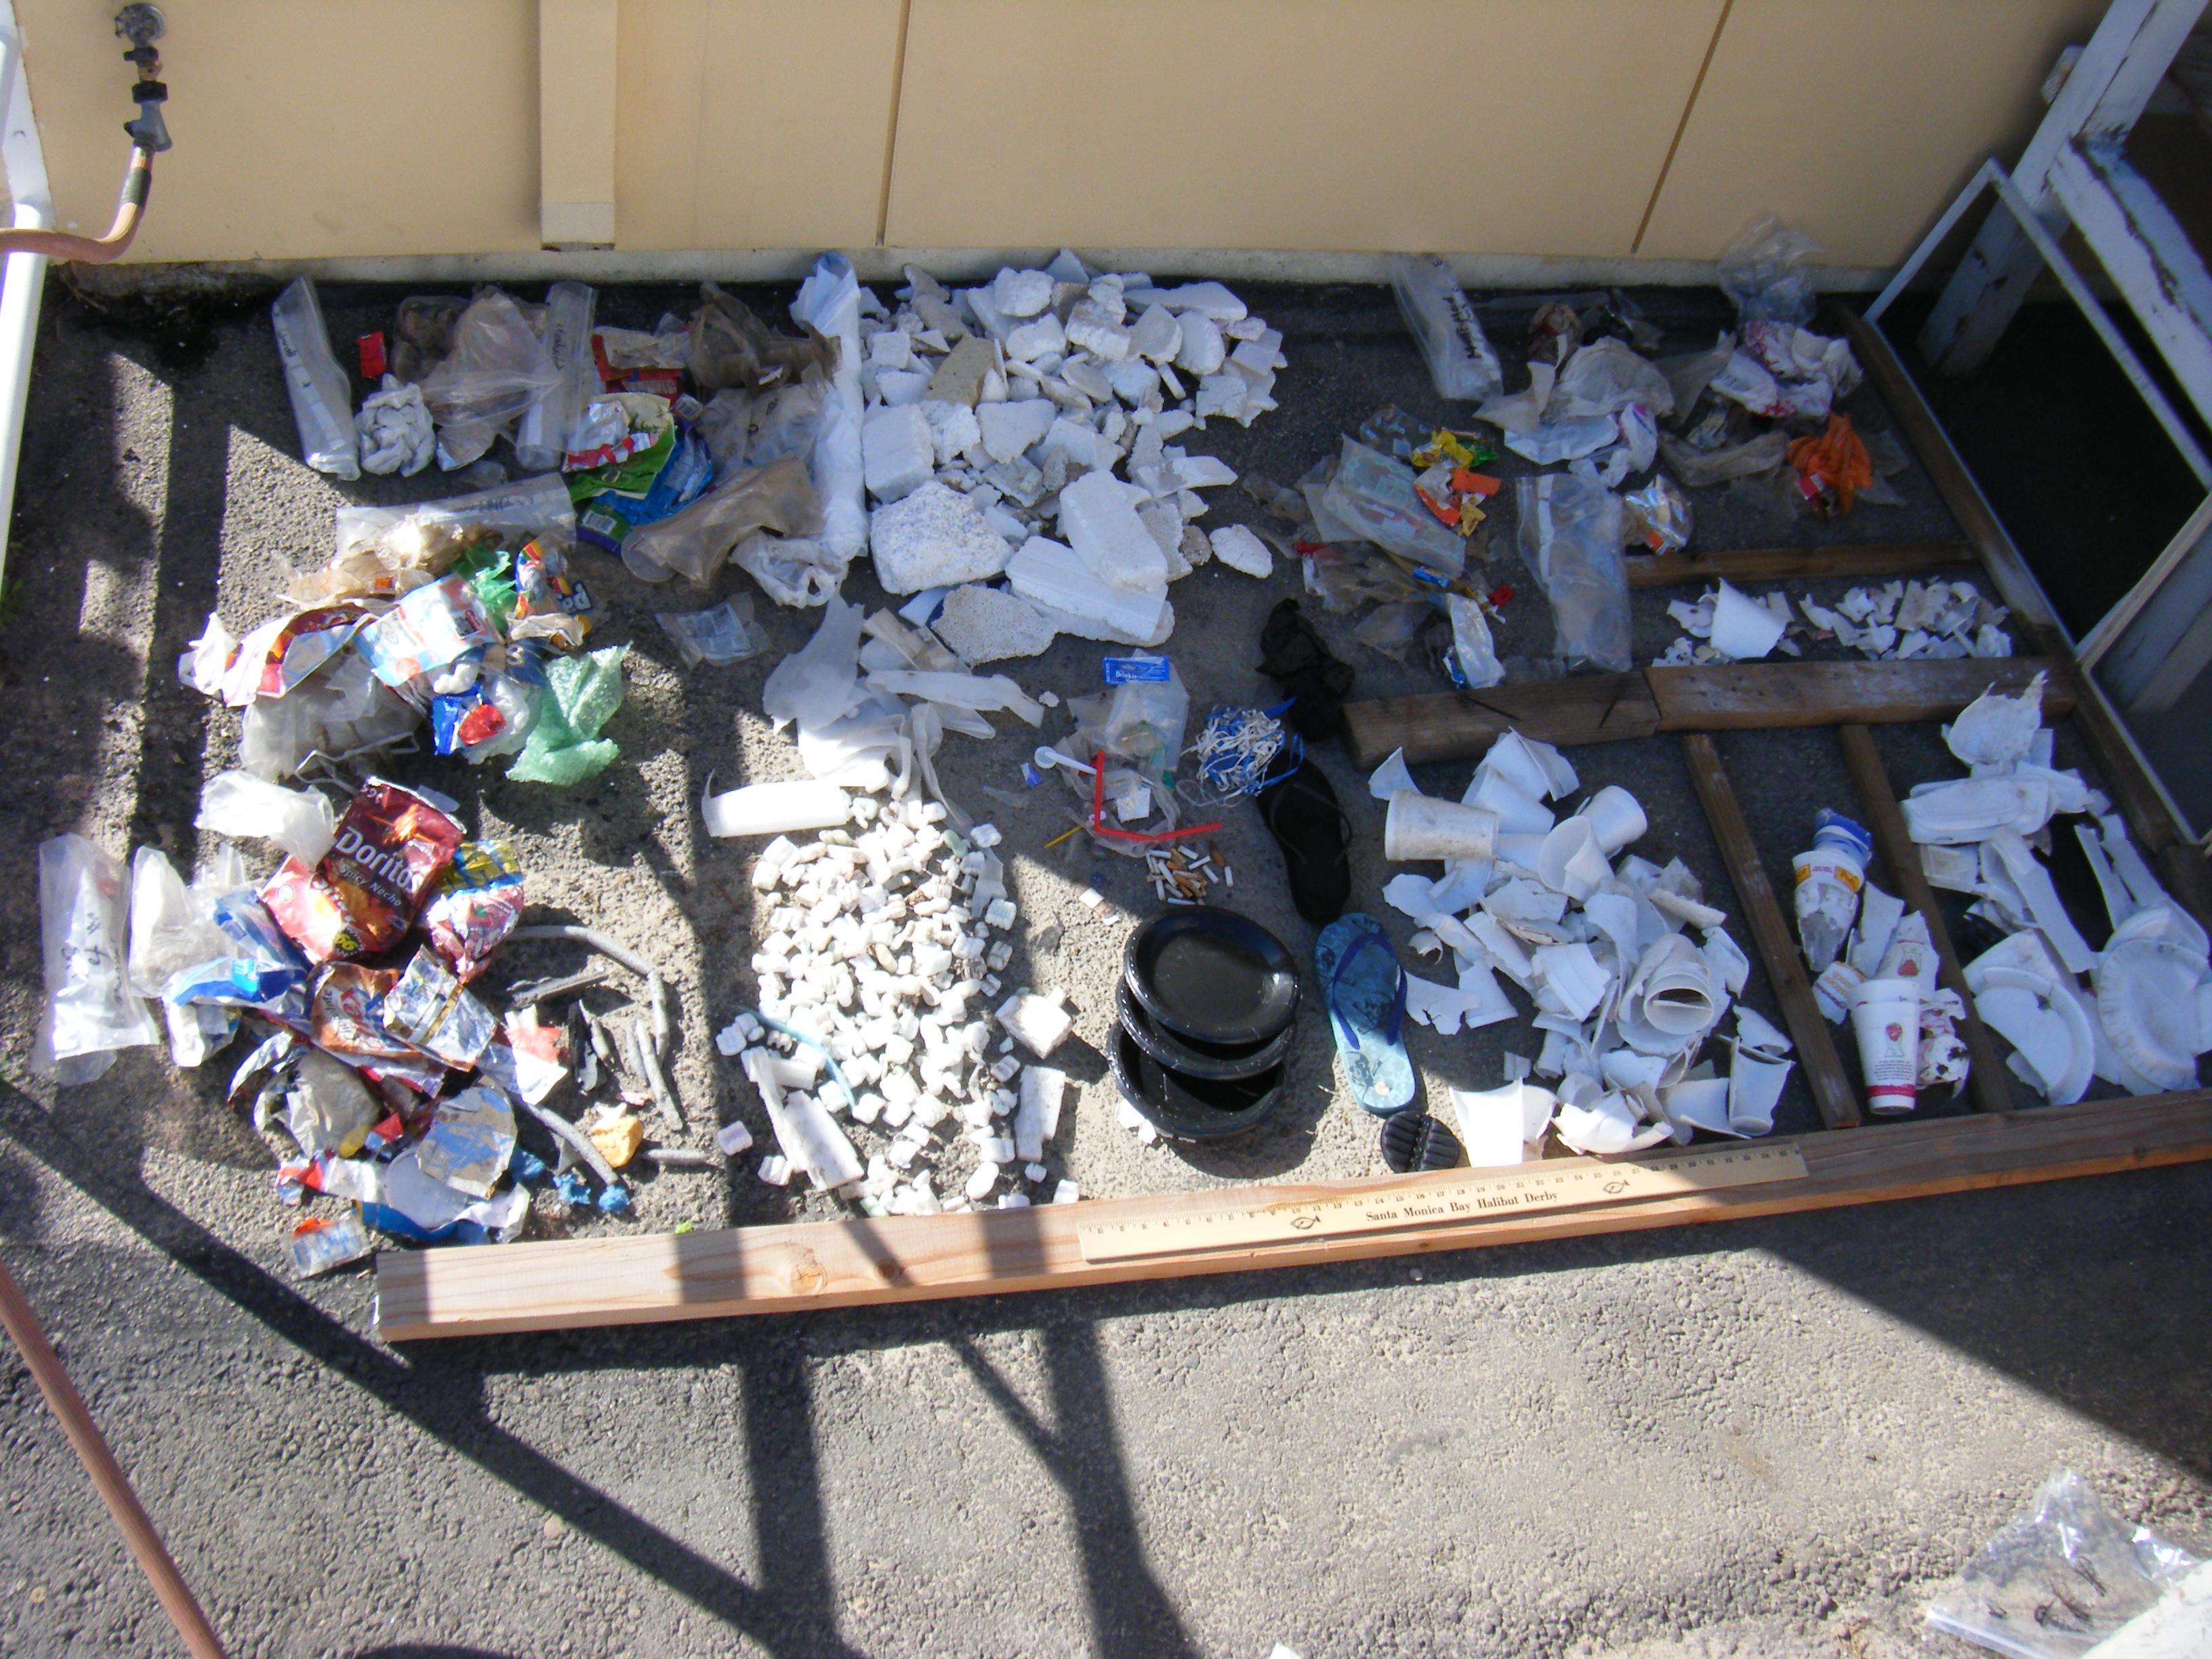 Sorted trash